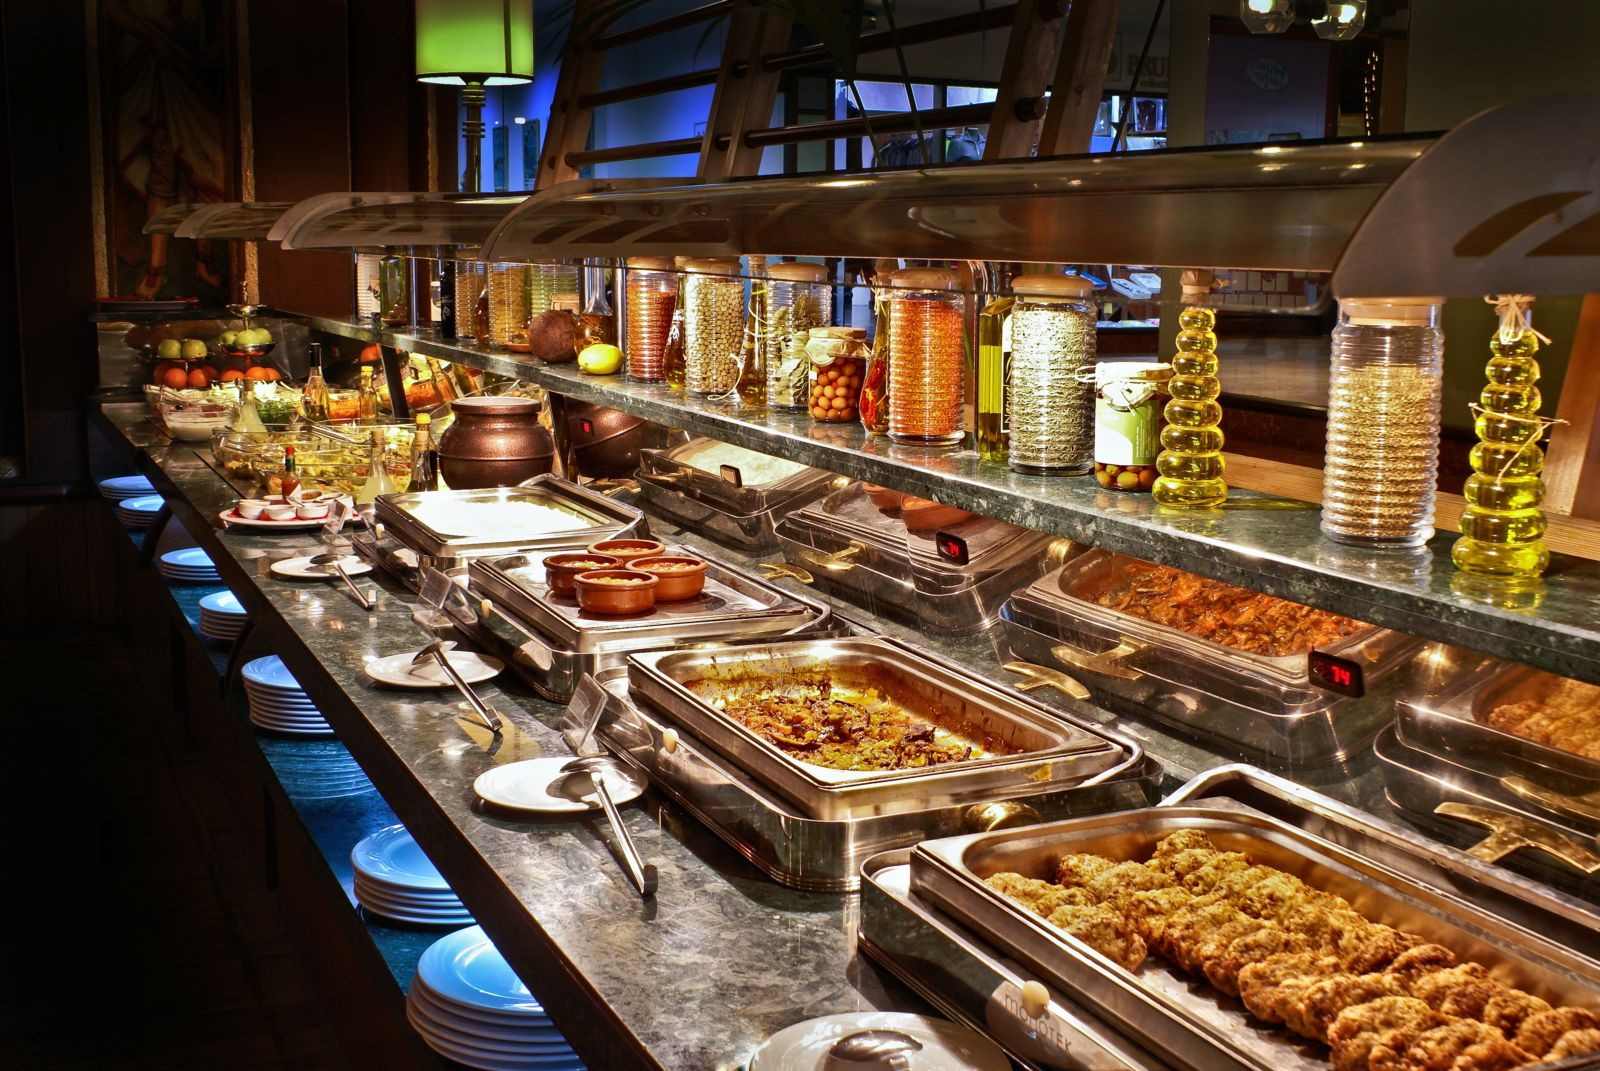 Manger à volonté à Las Vegas dans un restaurant «all-you-can-eat»